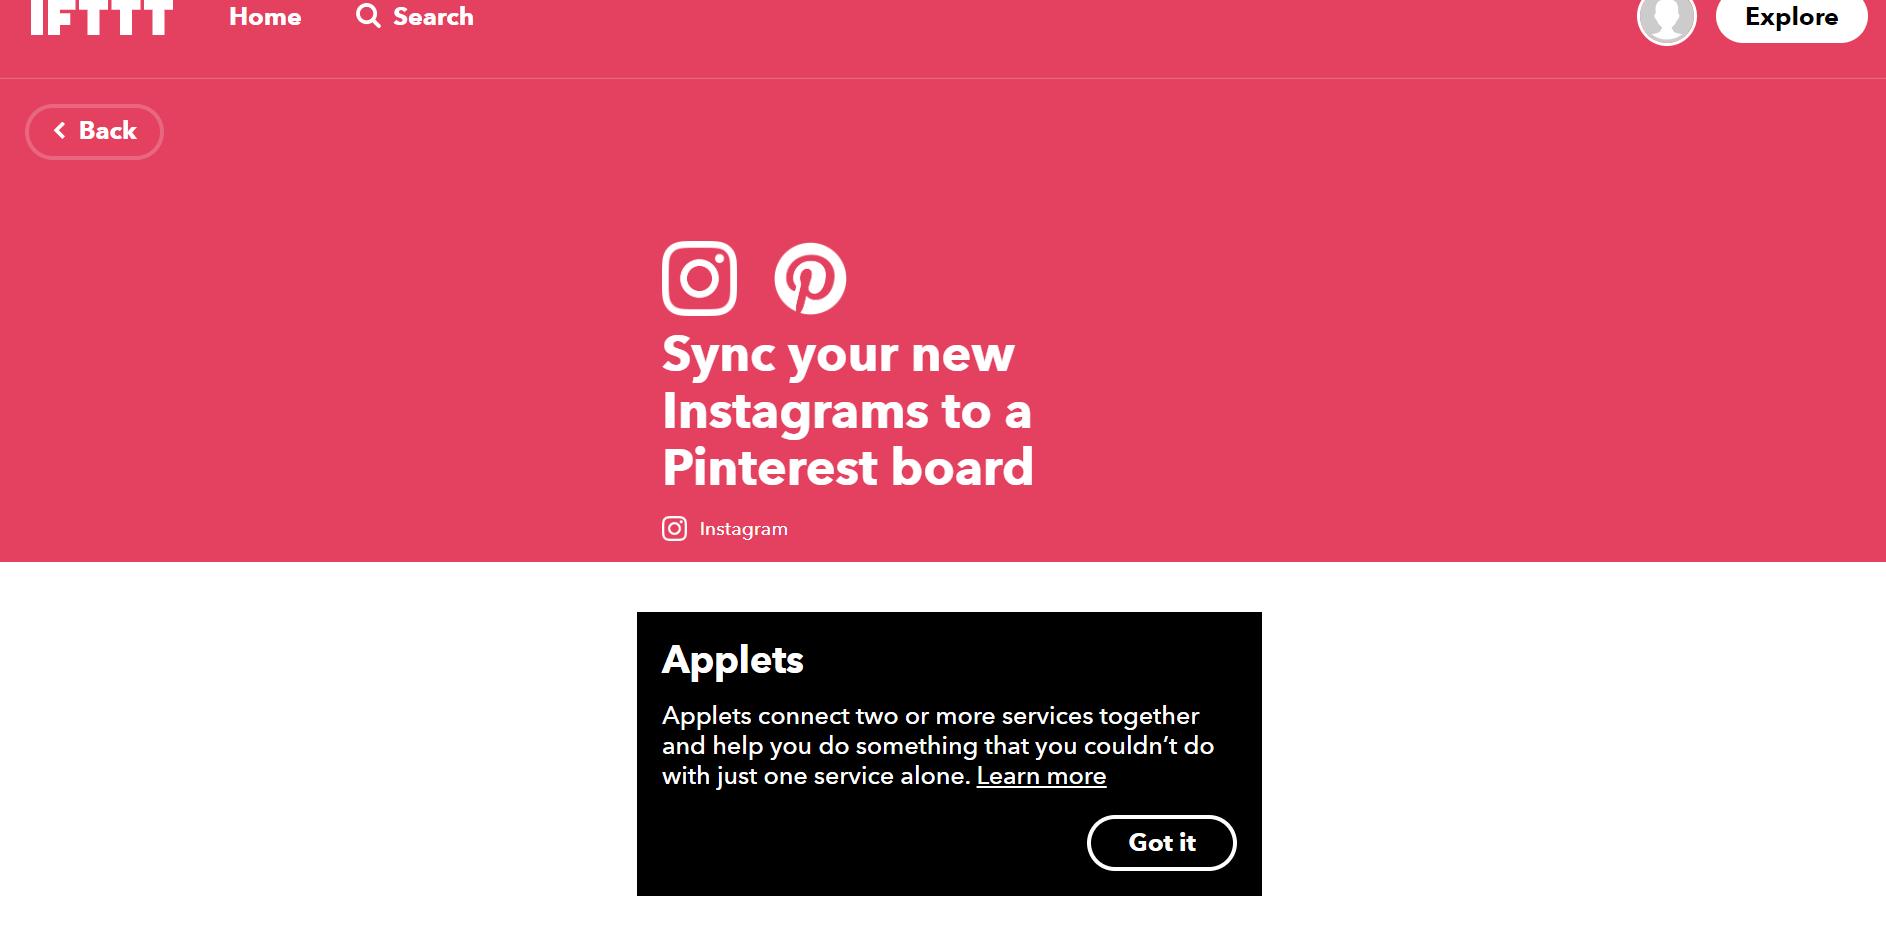 PINTEREST Jak Przygotować Perfekcyjne Piny Na Pinterest?